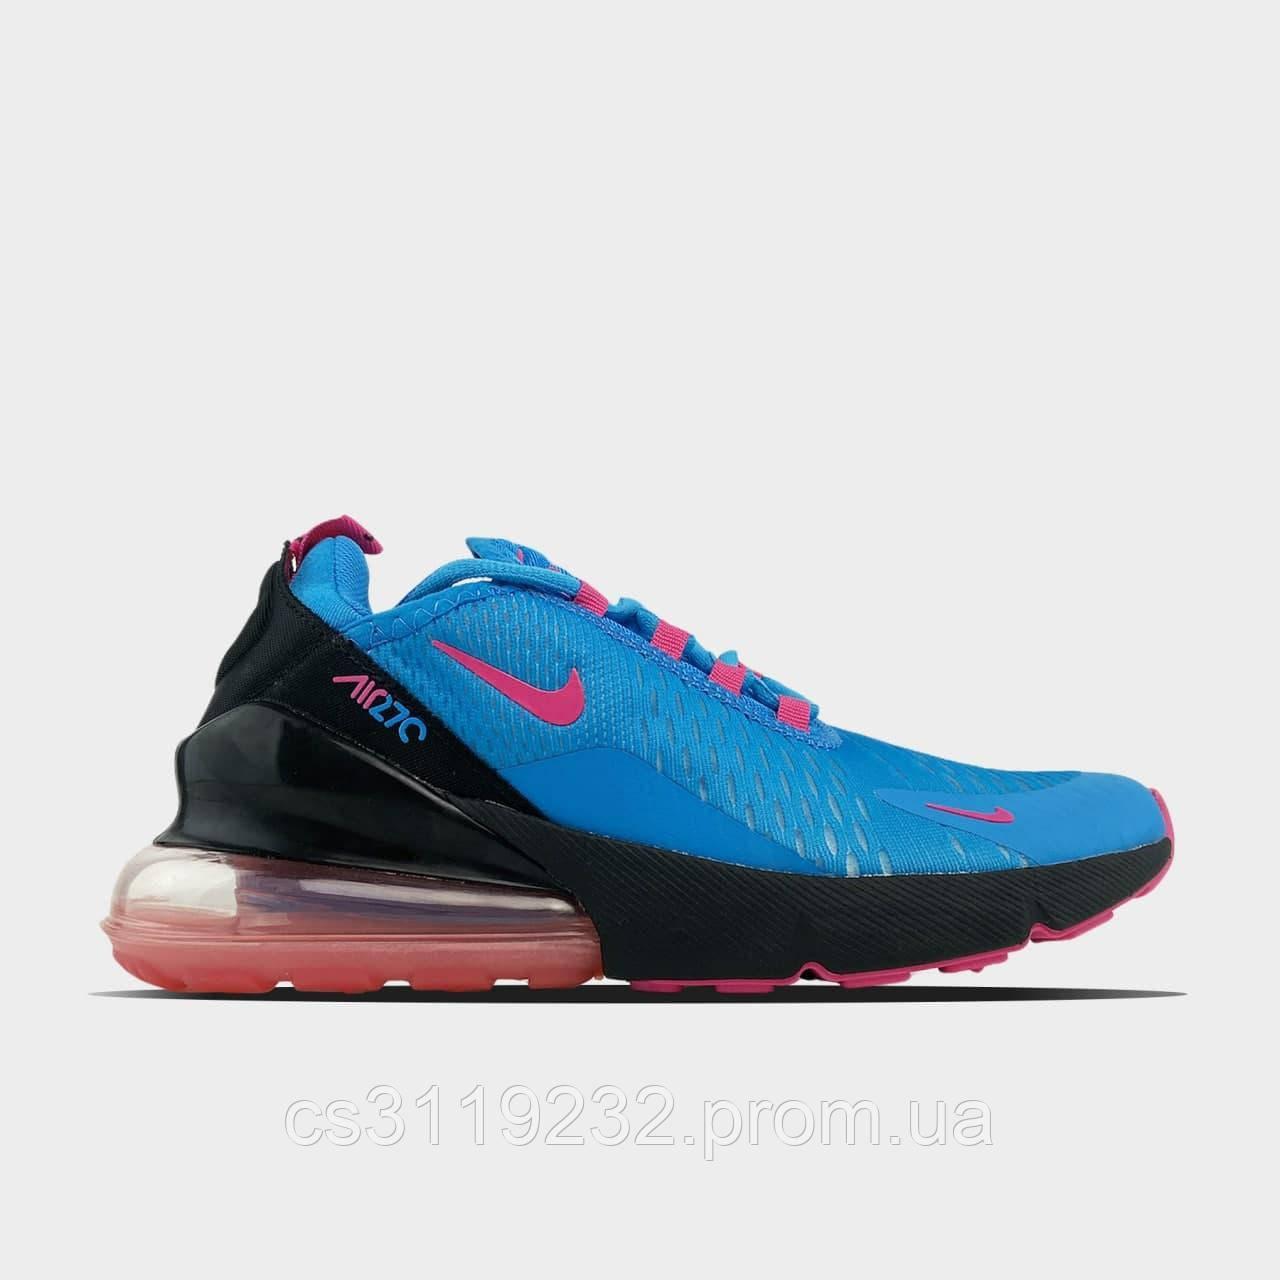 Чоловічі кросівки Nike Air Max 270 South Beach (блакитний)